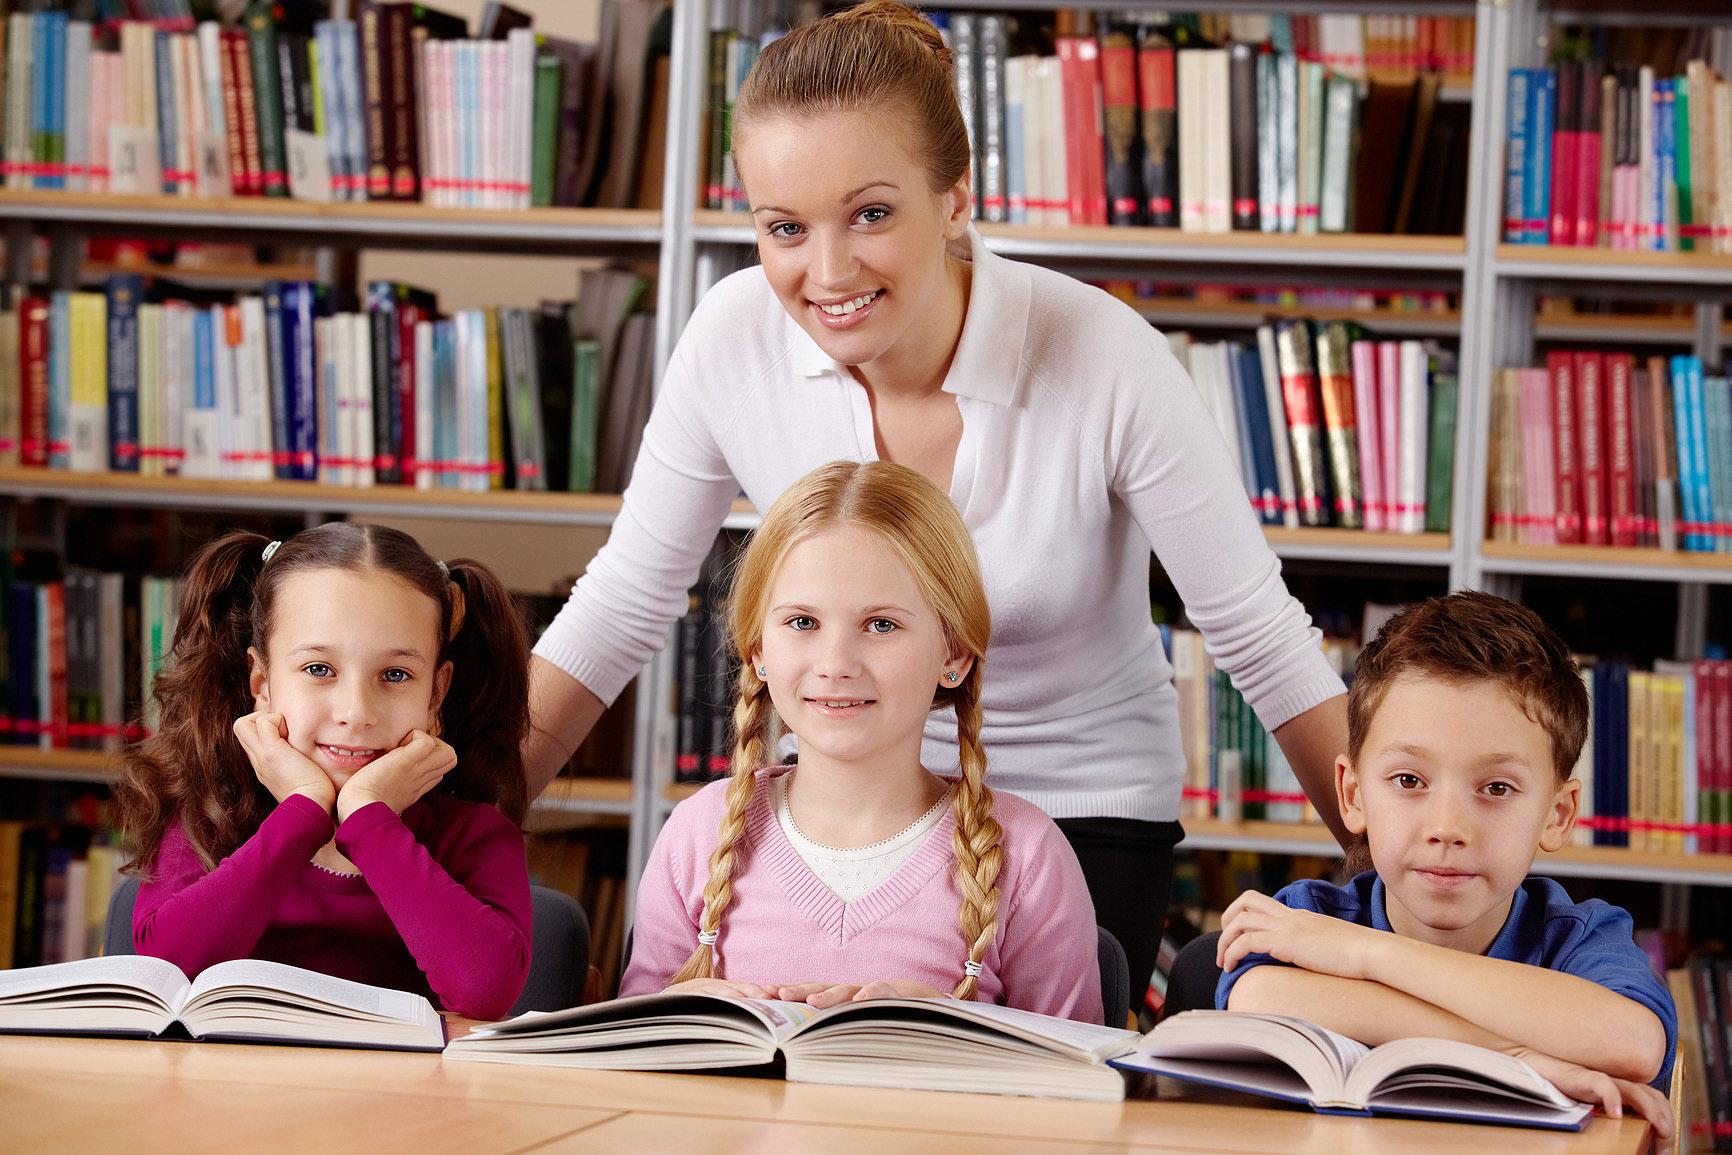 Фото молодая учительница 26 фотография